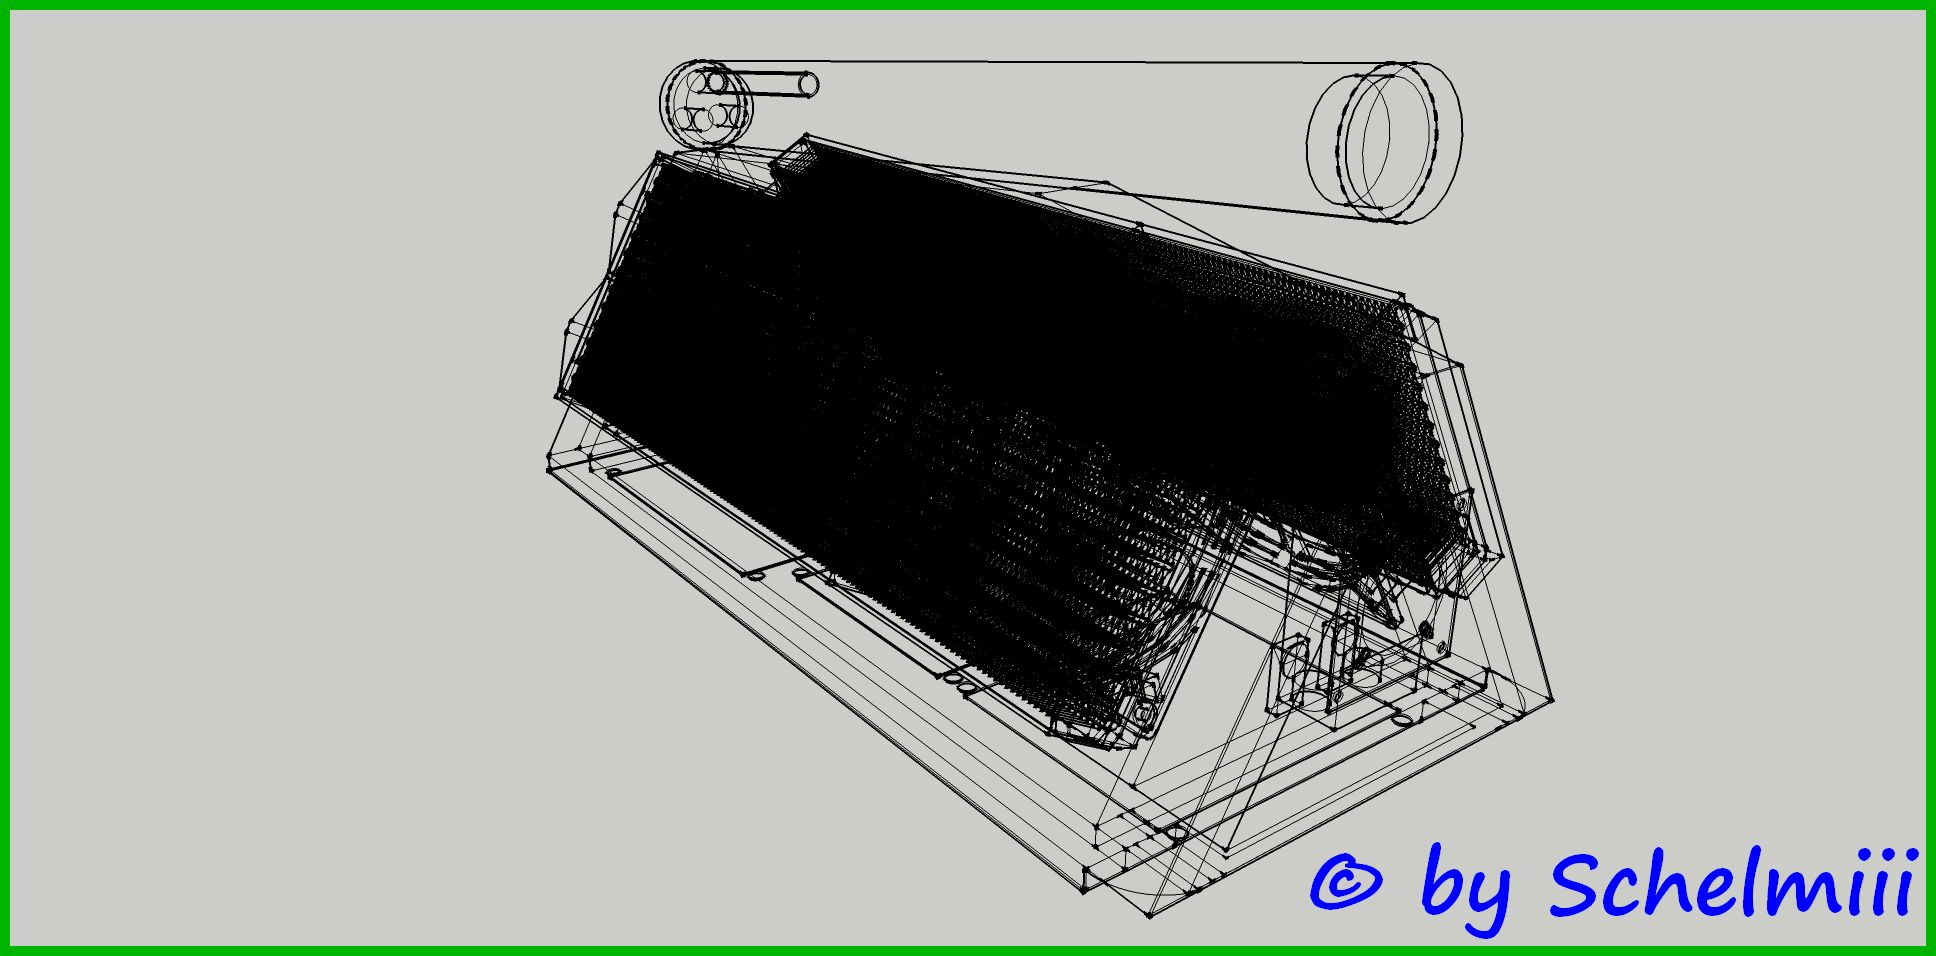 Klicken Sie auf die Grafik für eine größere Ansicht  Name:Dachversion3mit Lüfter+Radi+Filter+AGB6_(ARC.Mod.bySchelmiii).jpg Hits:3149 Größe:174,3 KB ID:432296